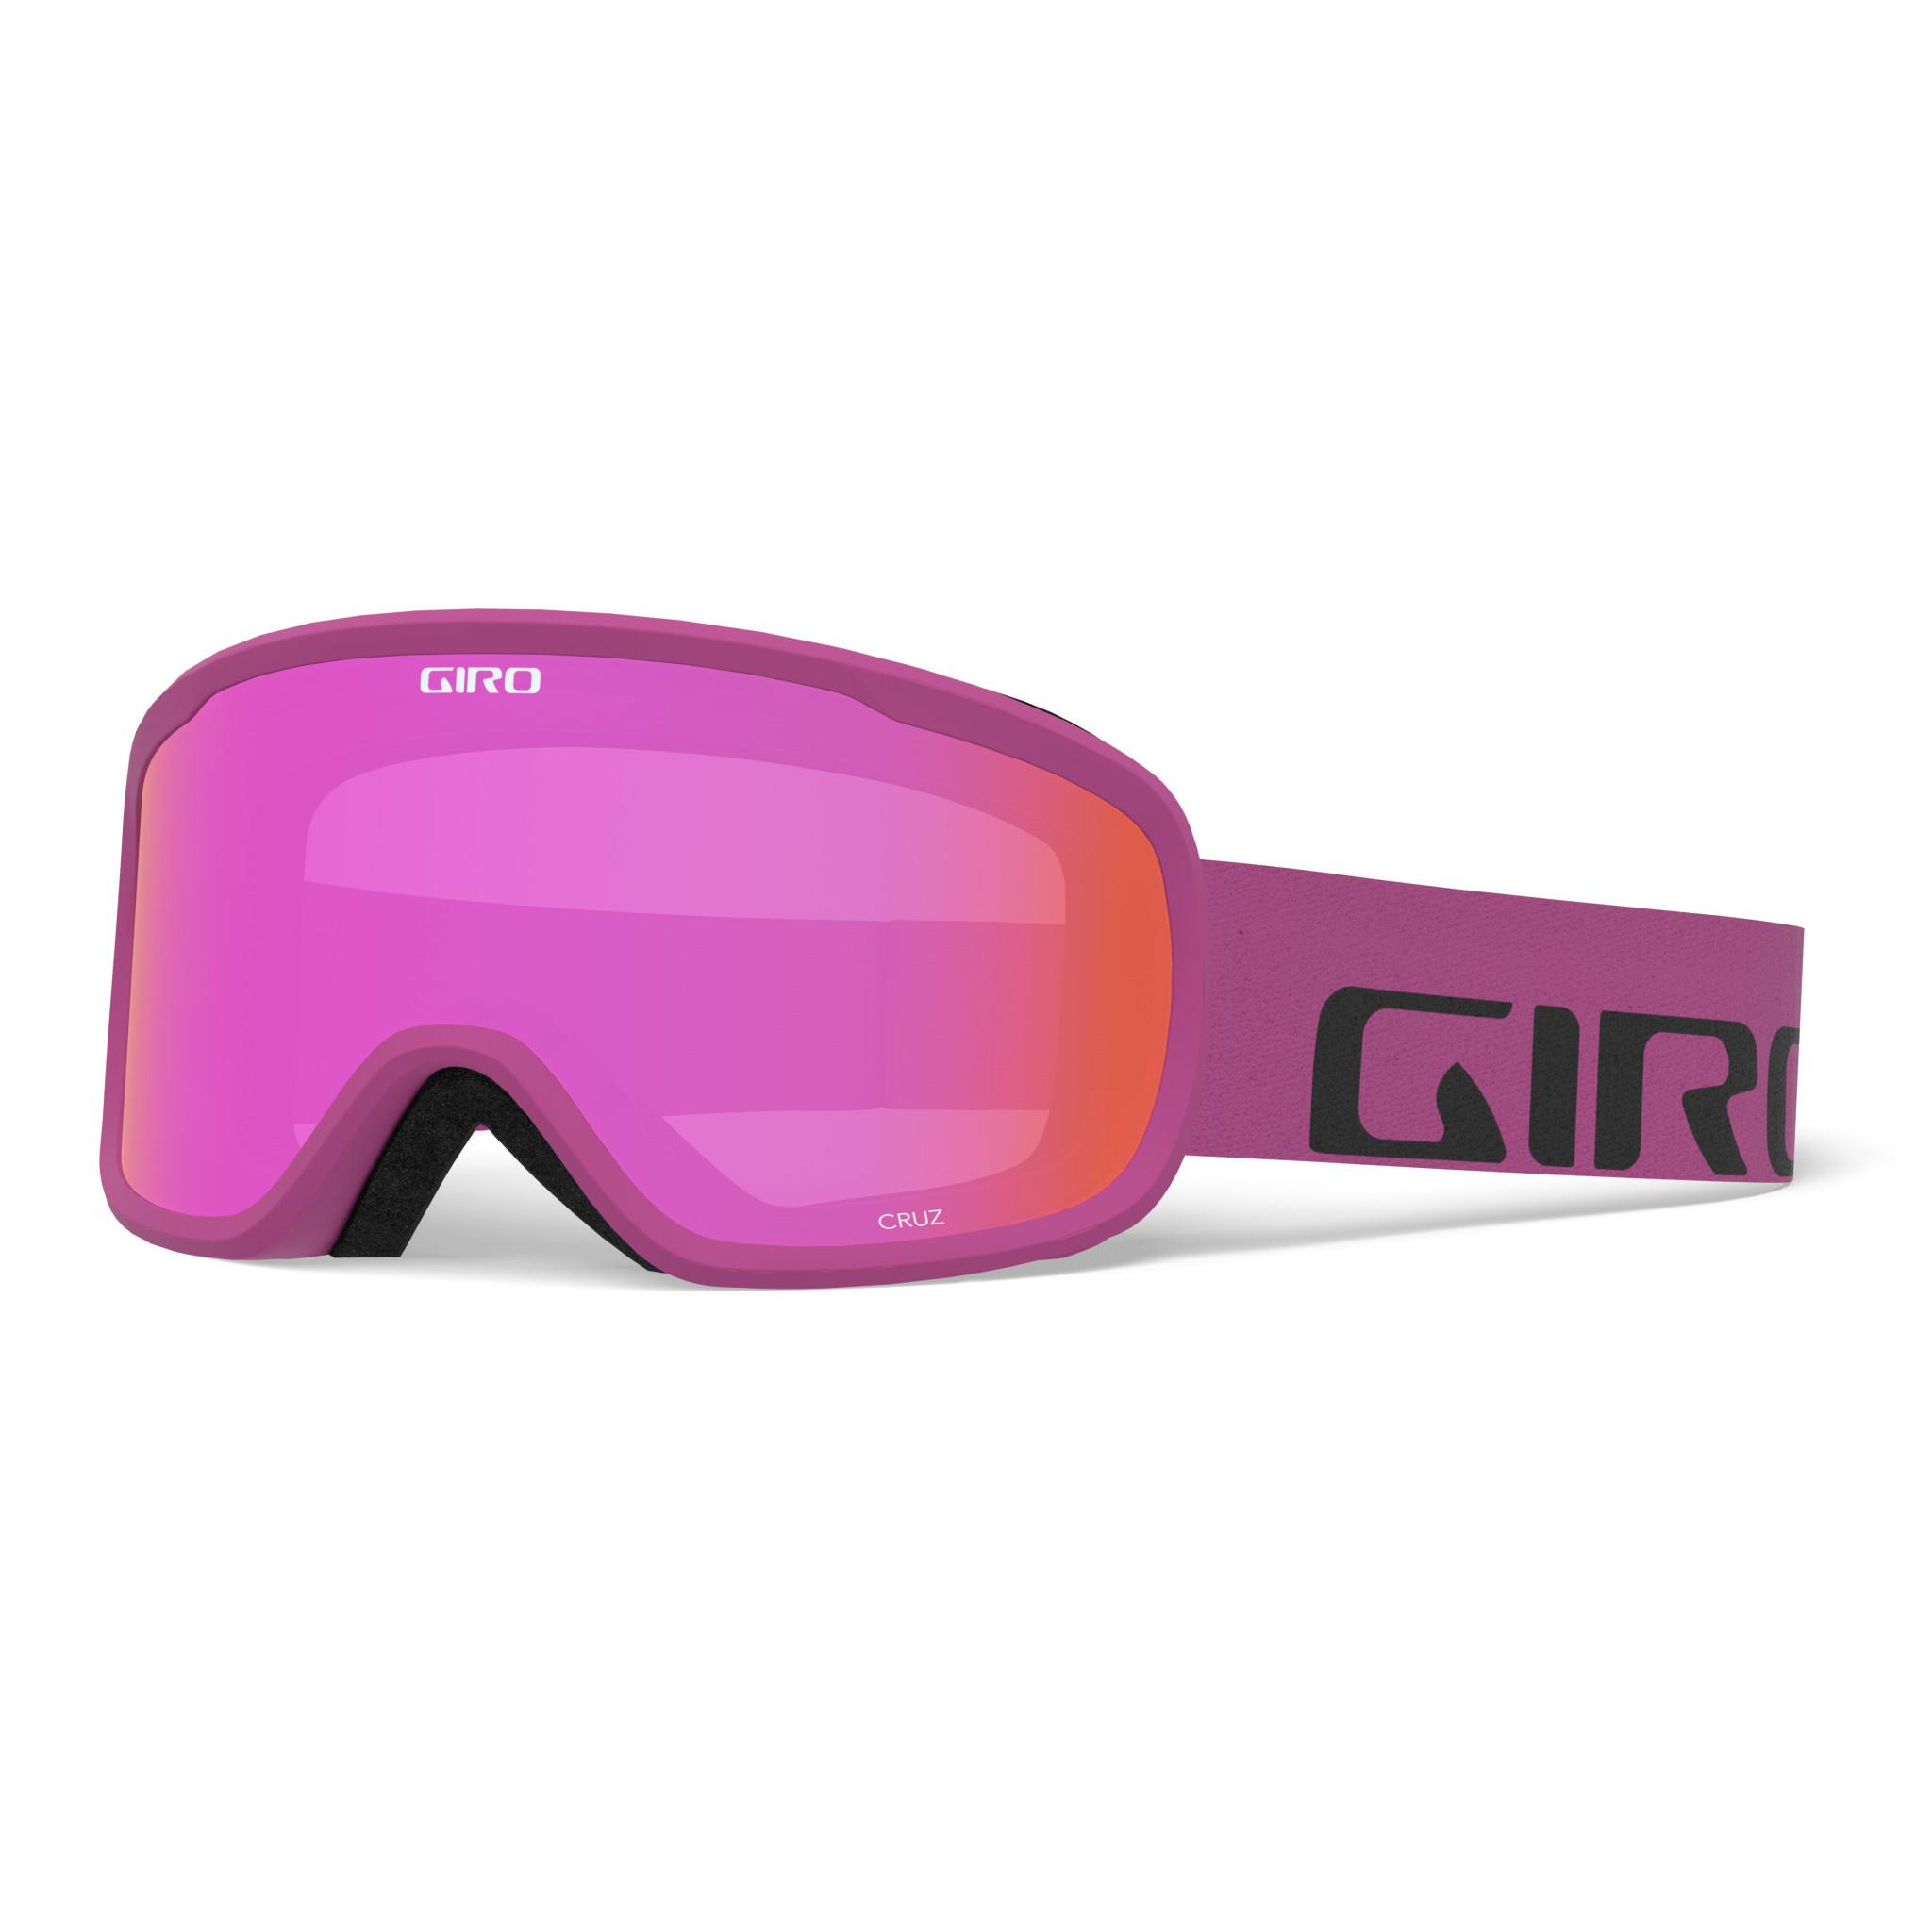 Giro Cruz-2